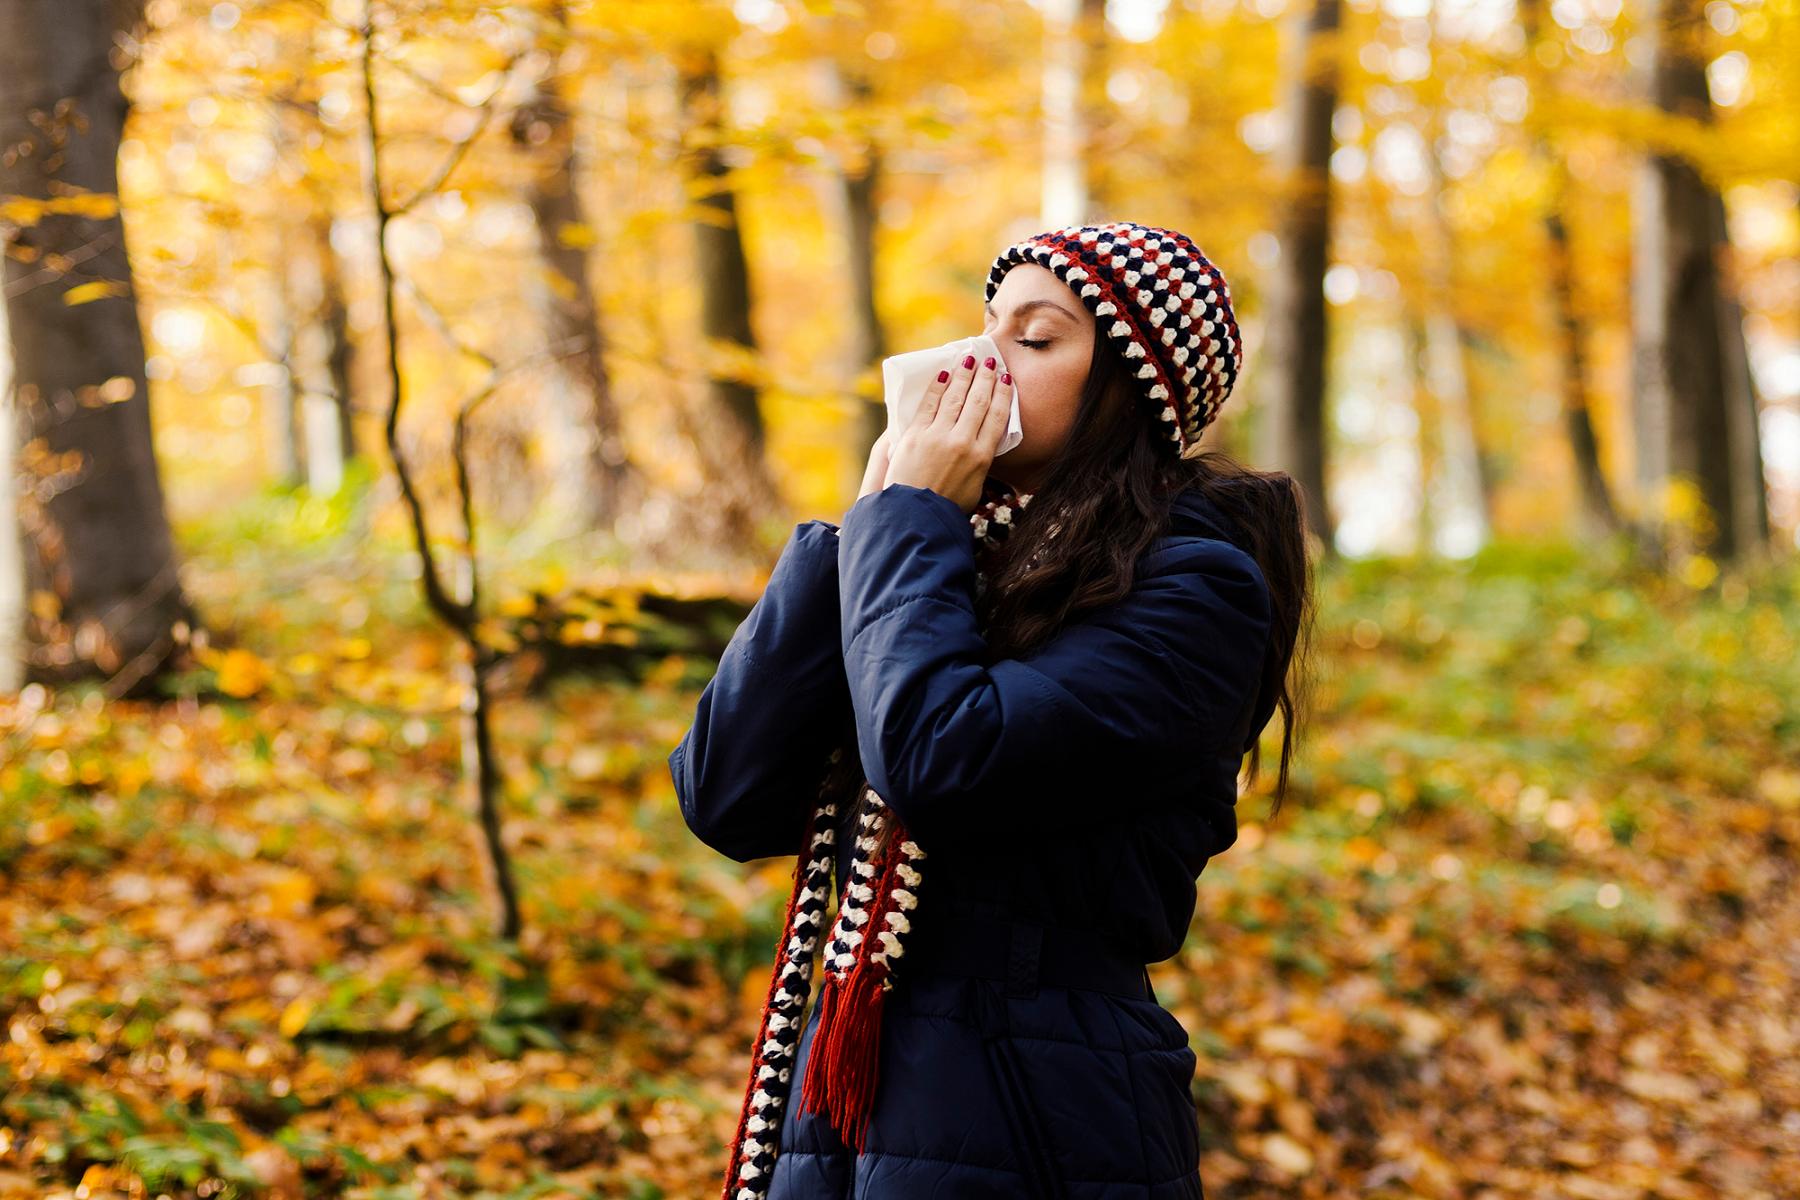 Κλιματική Αλλαγή ΗΠΑ: Οι αλλεργίες στο φθινόπωρο θα είναι σε πλήρη ισχύ φέτος, λένε οι ειδικοί